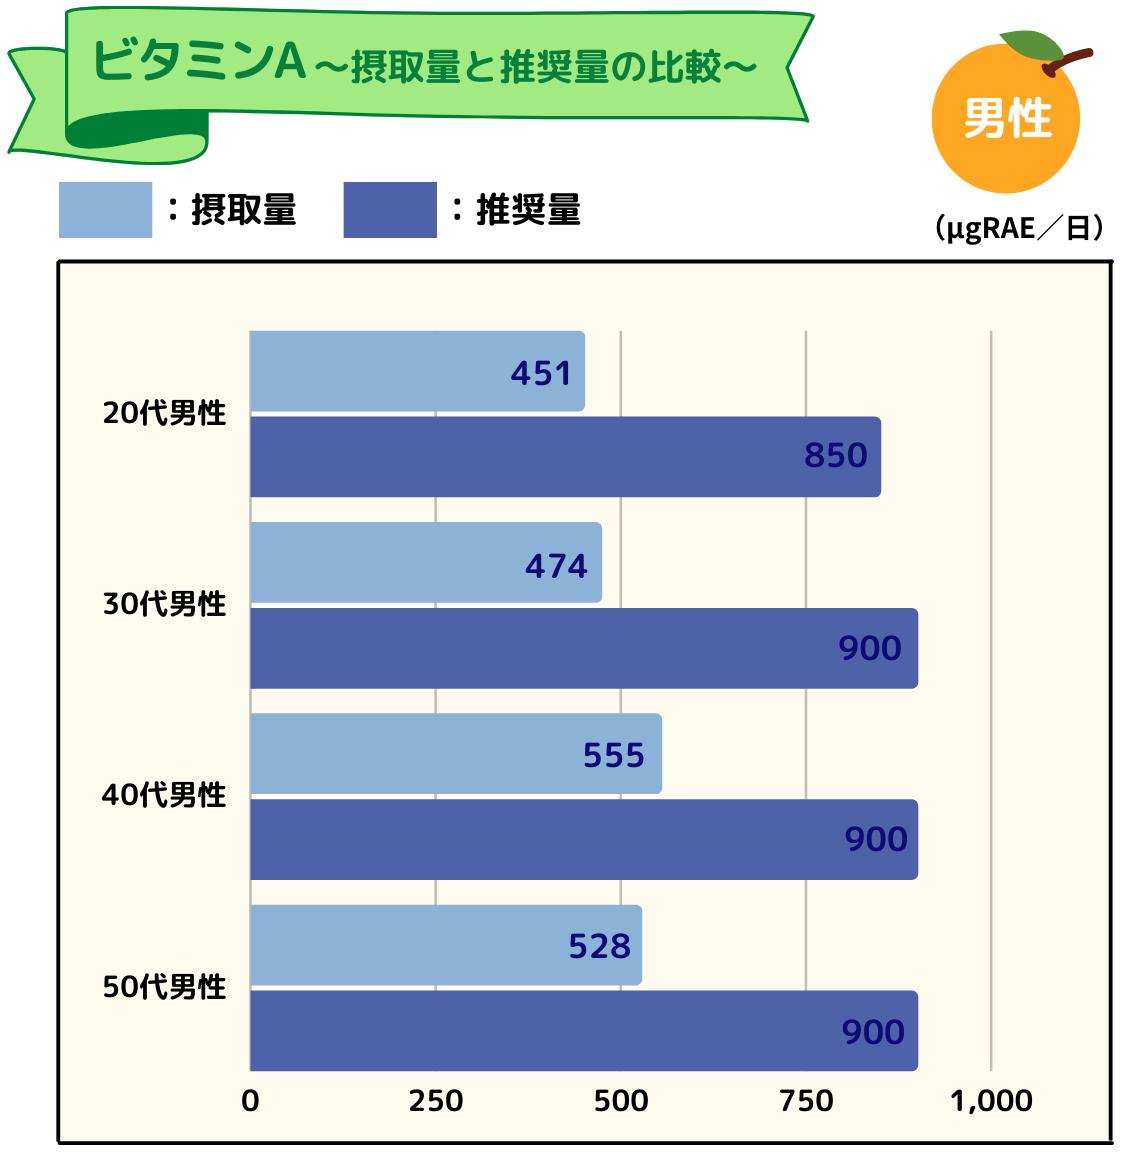 ビタミンAの摂取量と推奨量のグラフ(男性)